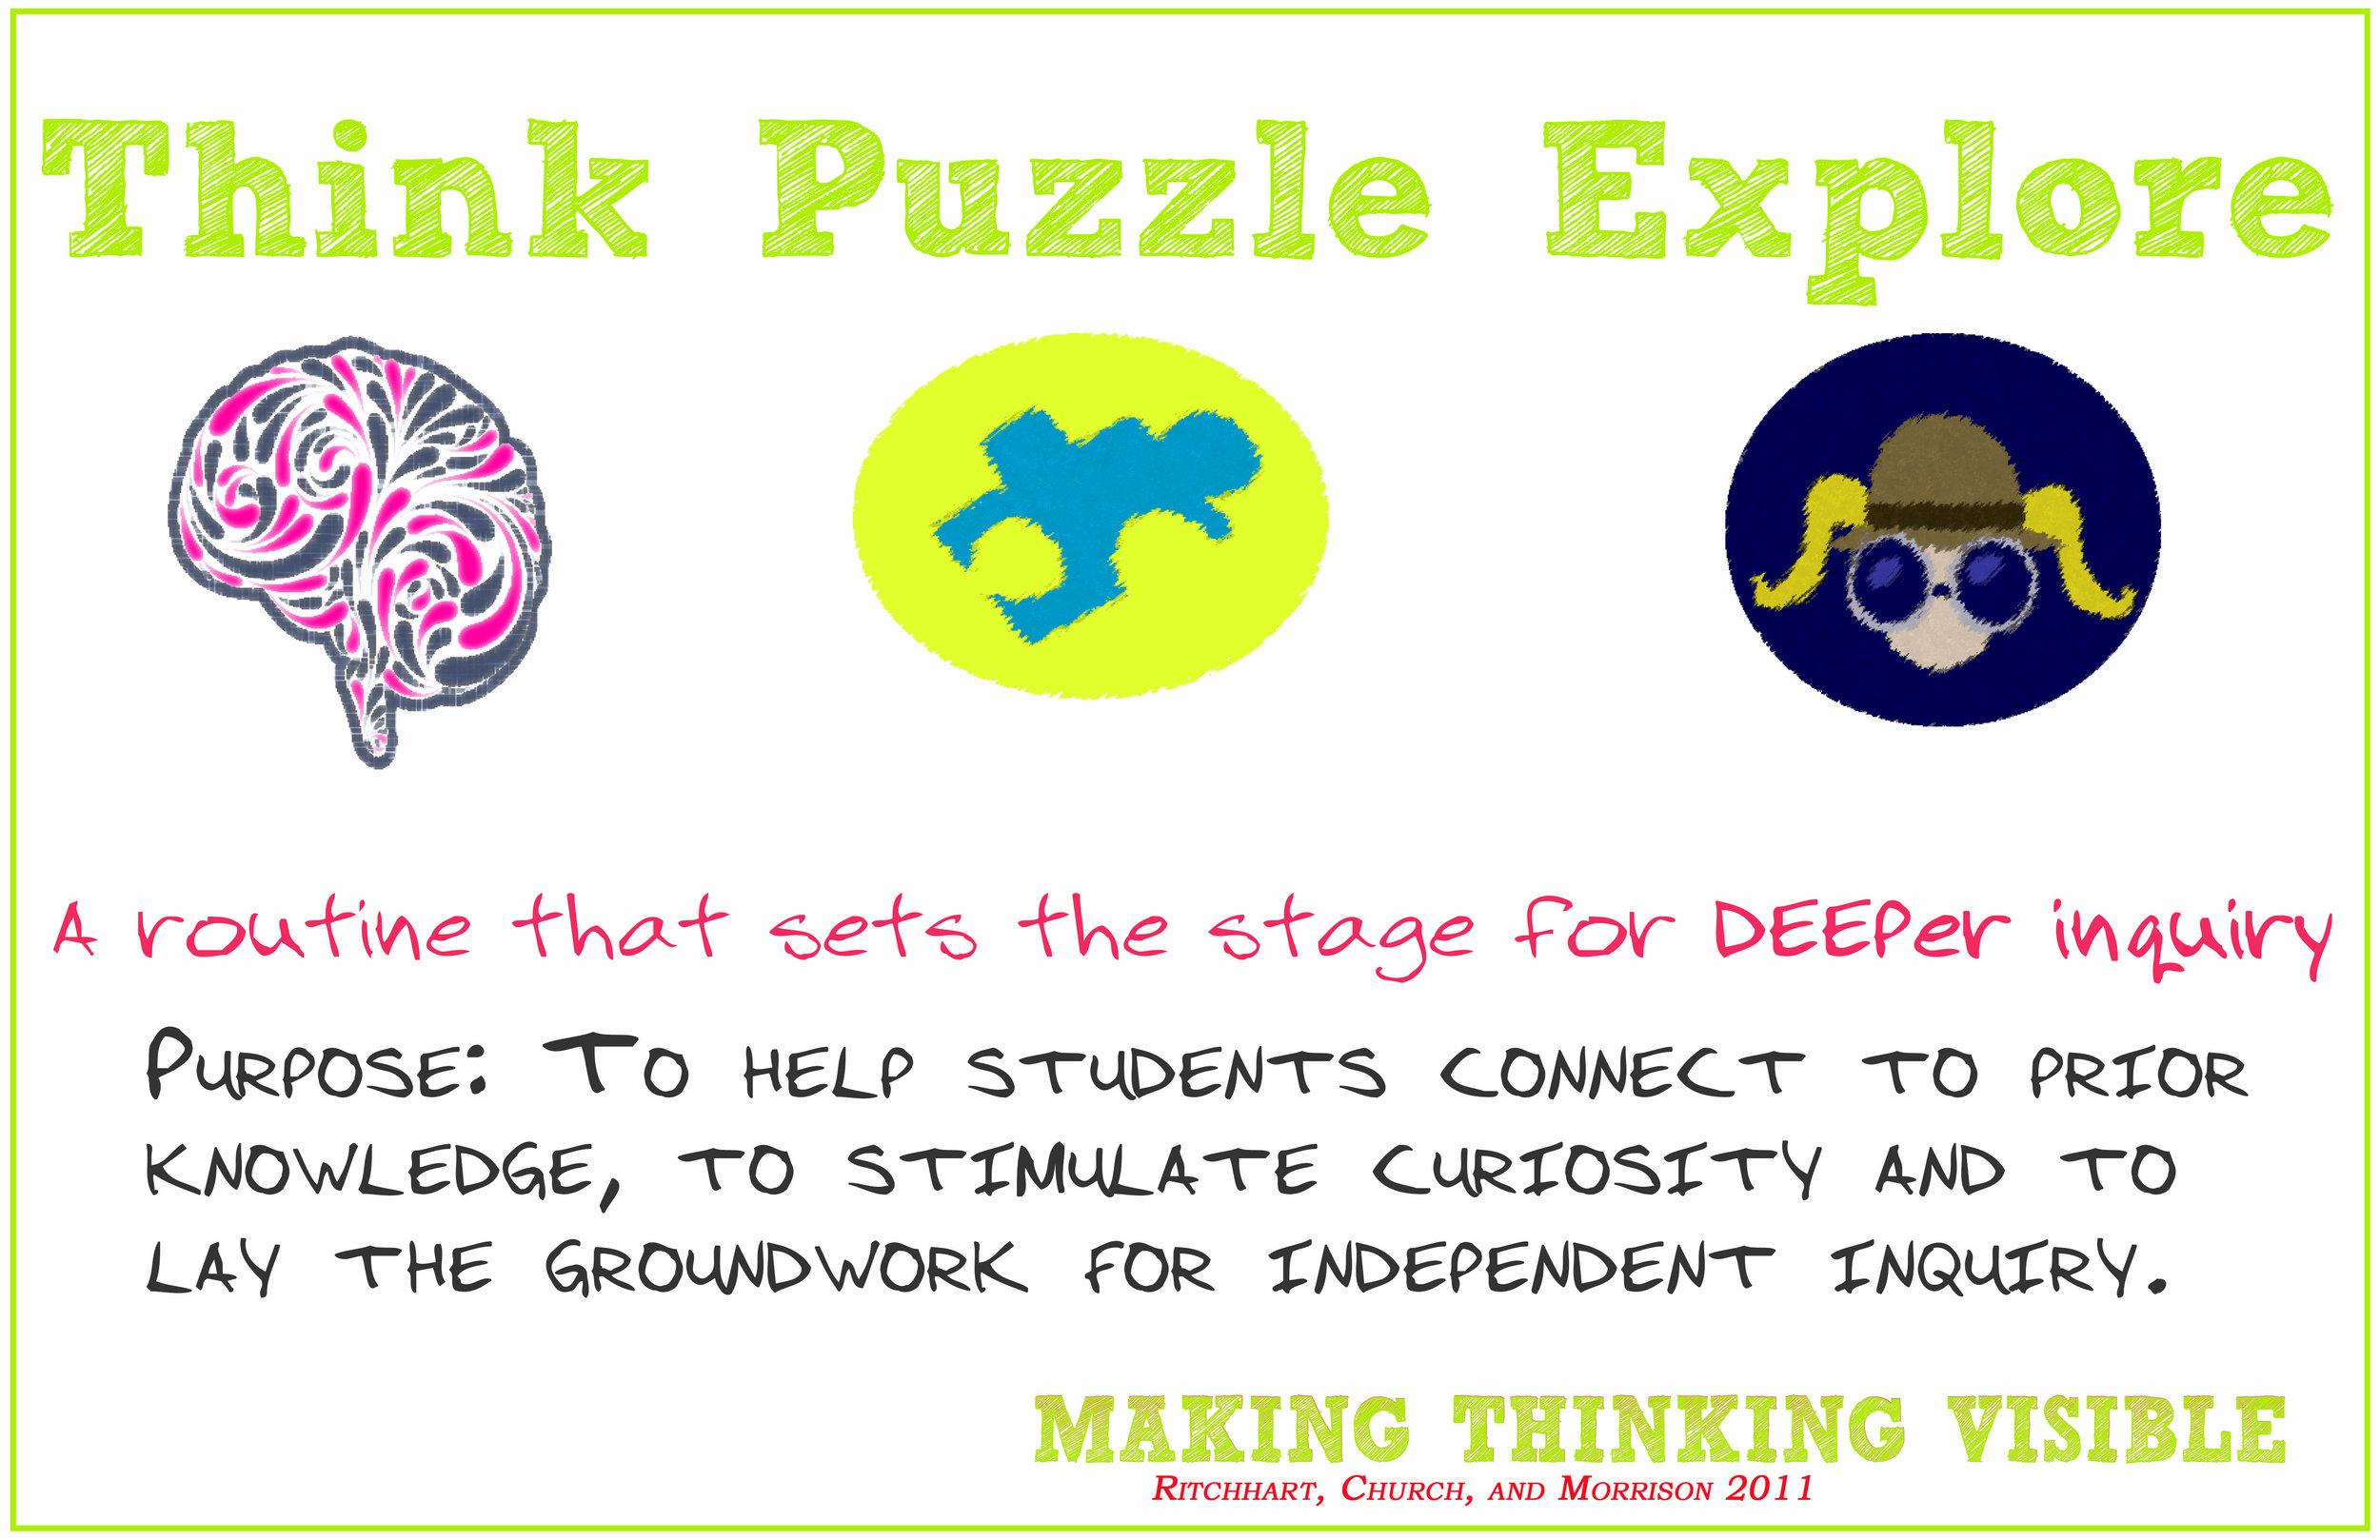 VTR thinkpuzzleexplore